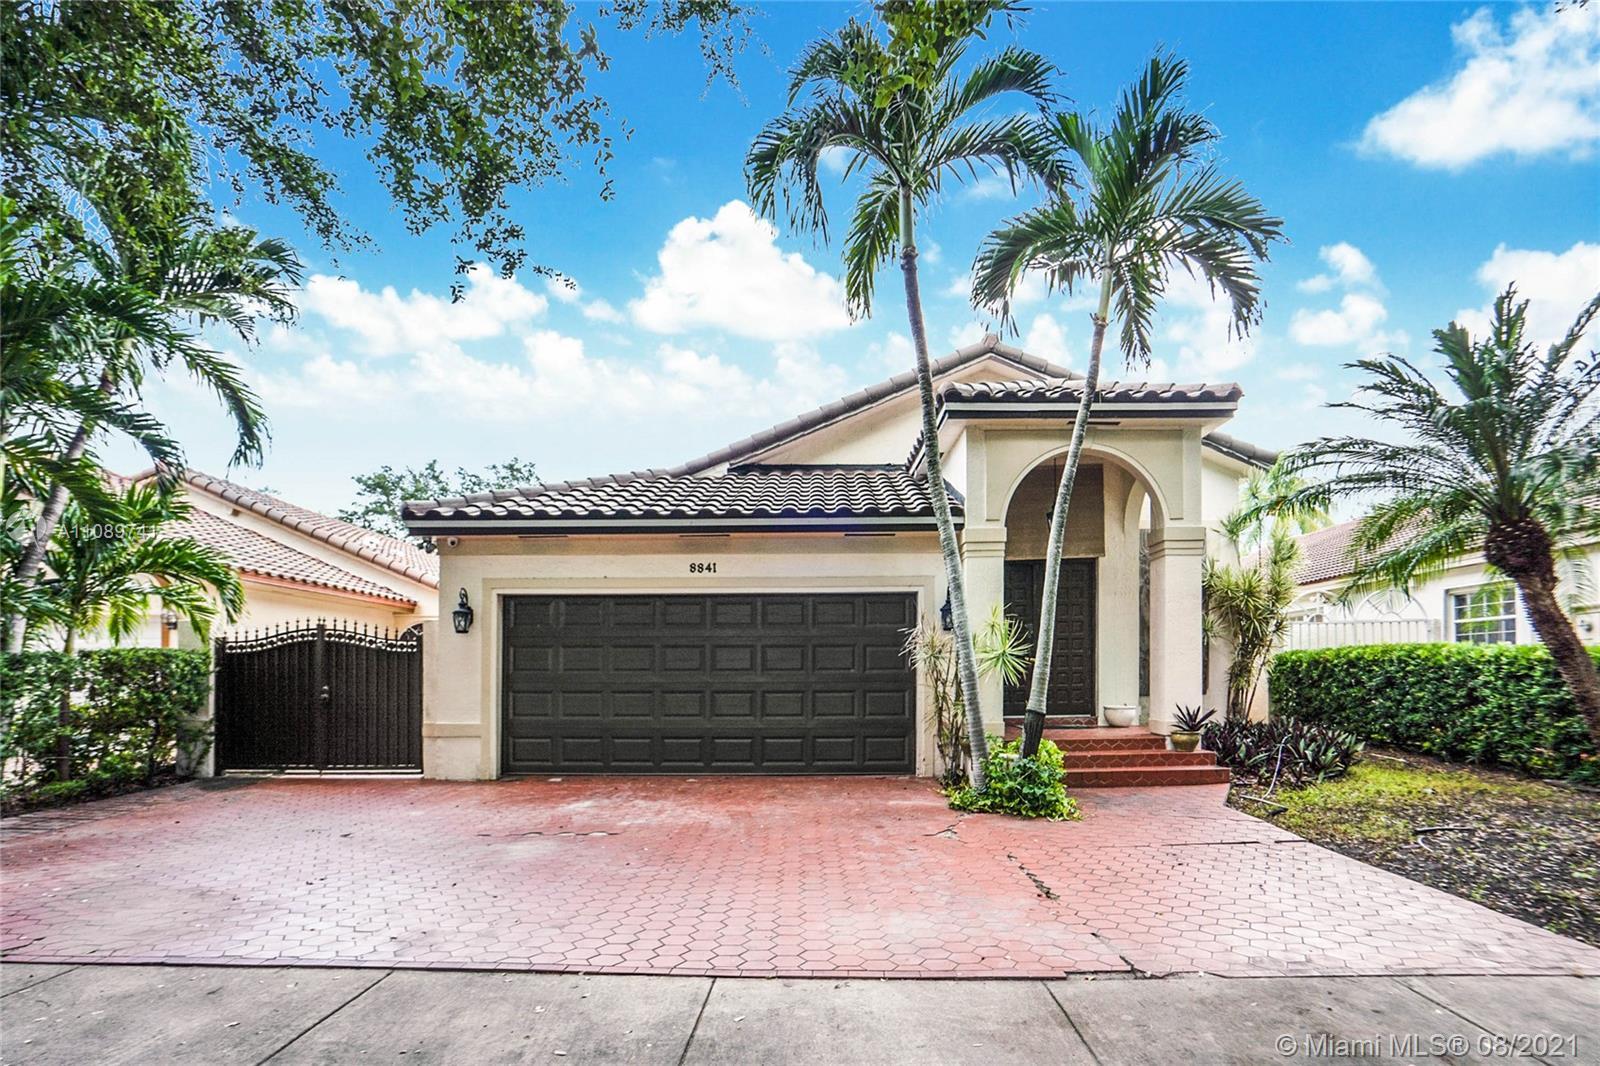 Miami Lakes - 8841 NW 153rd Ter, Miami Lakes, FL 33018